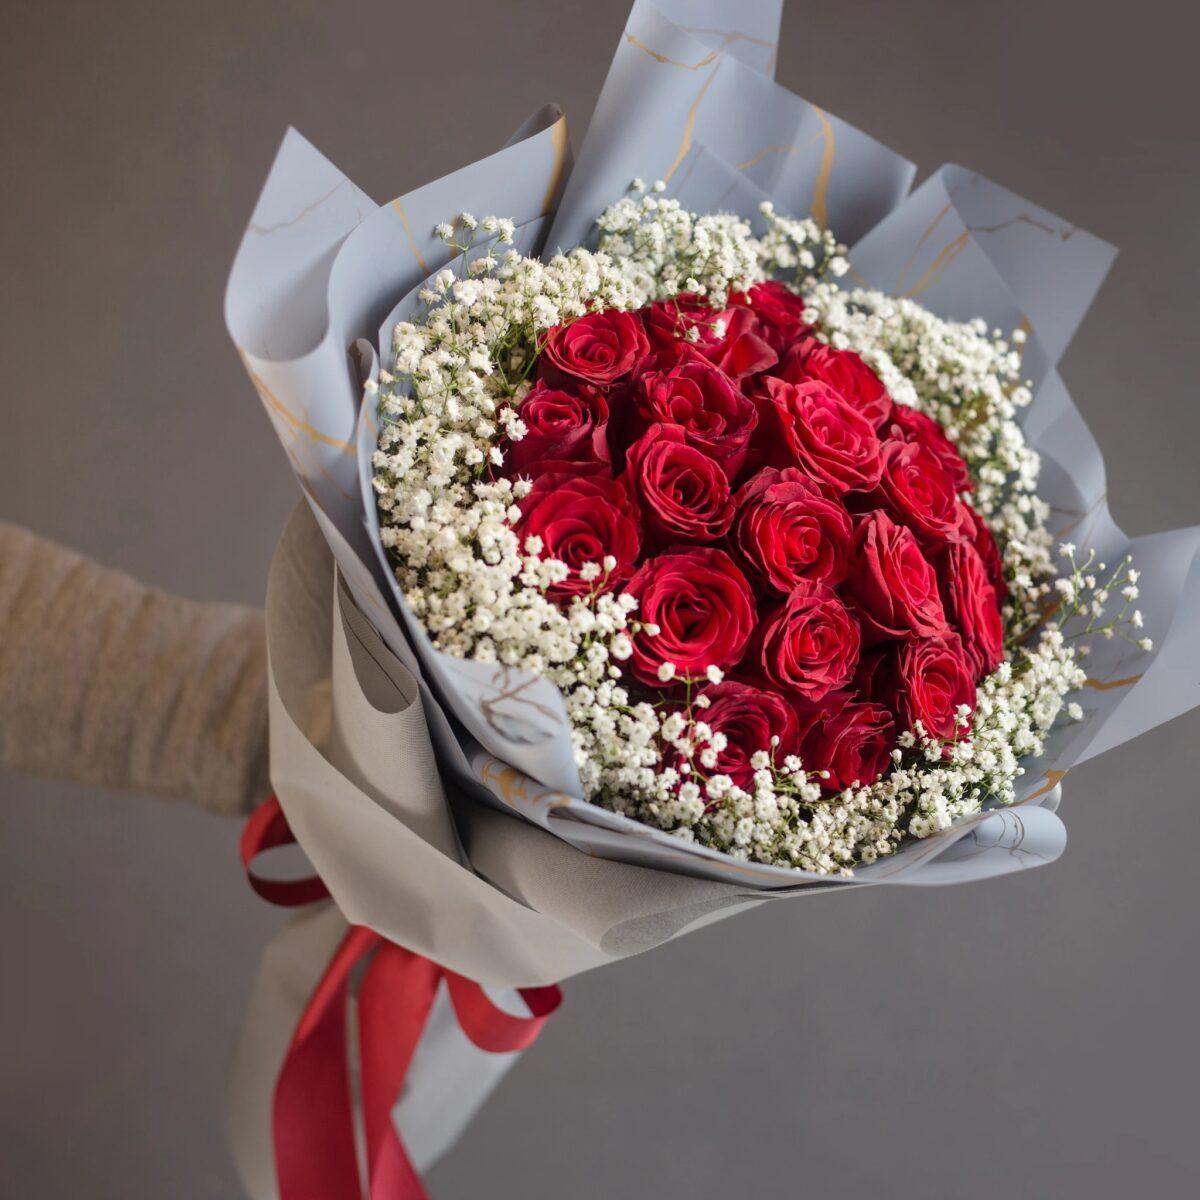 Flower Website in Lahore - FromYouFlowers.pk